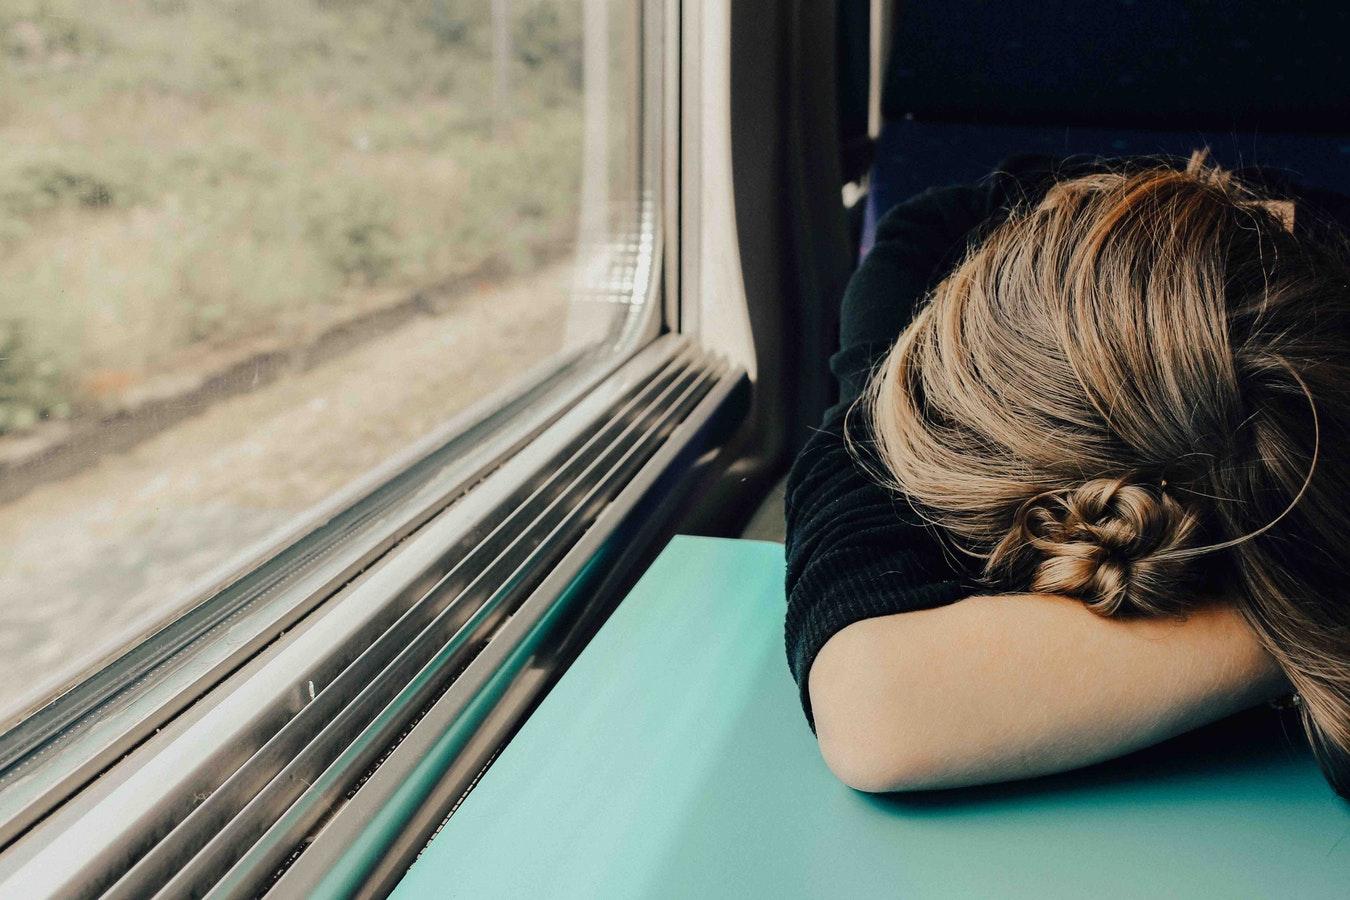 Sindromul burnout, intre epuizare si dorinta de fericire